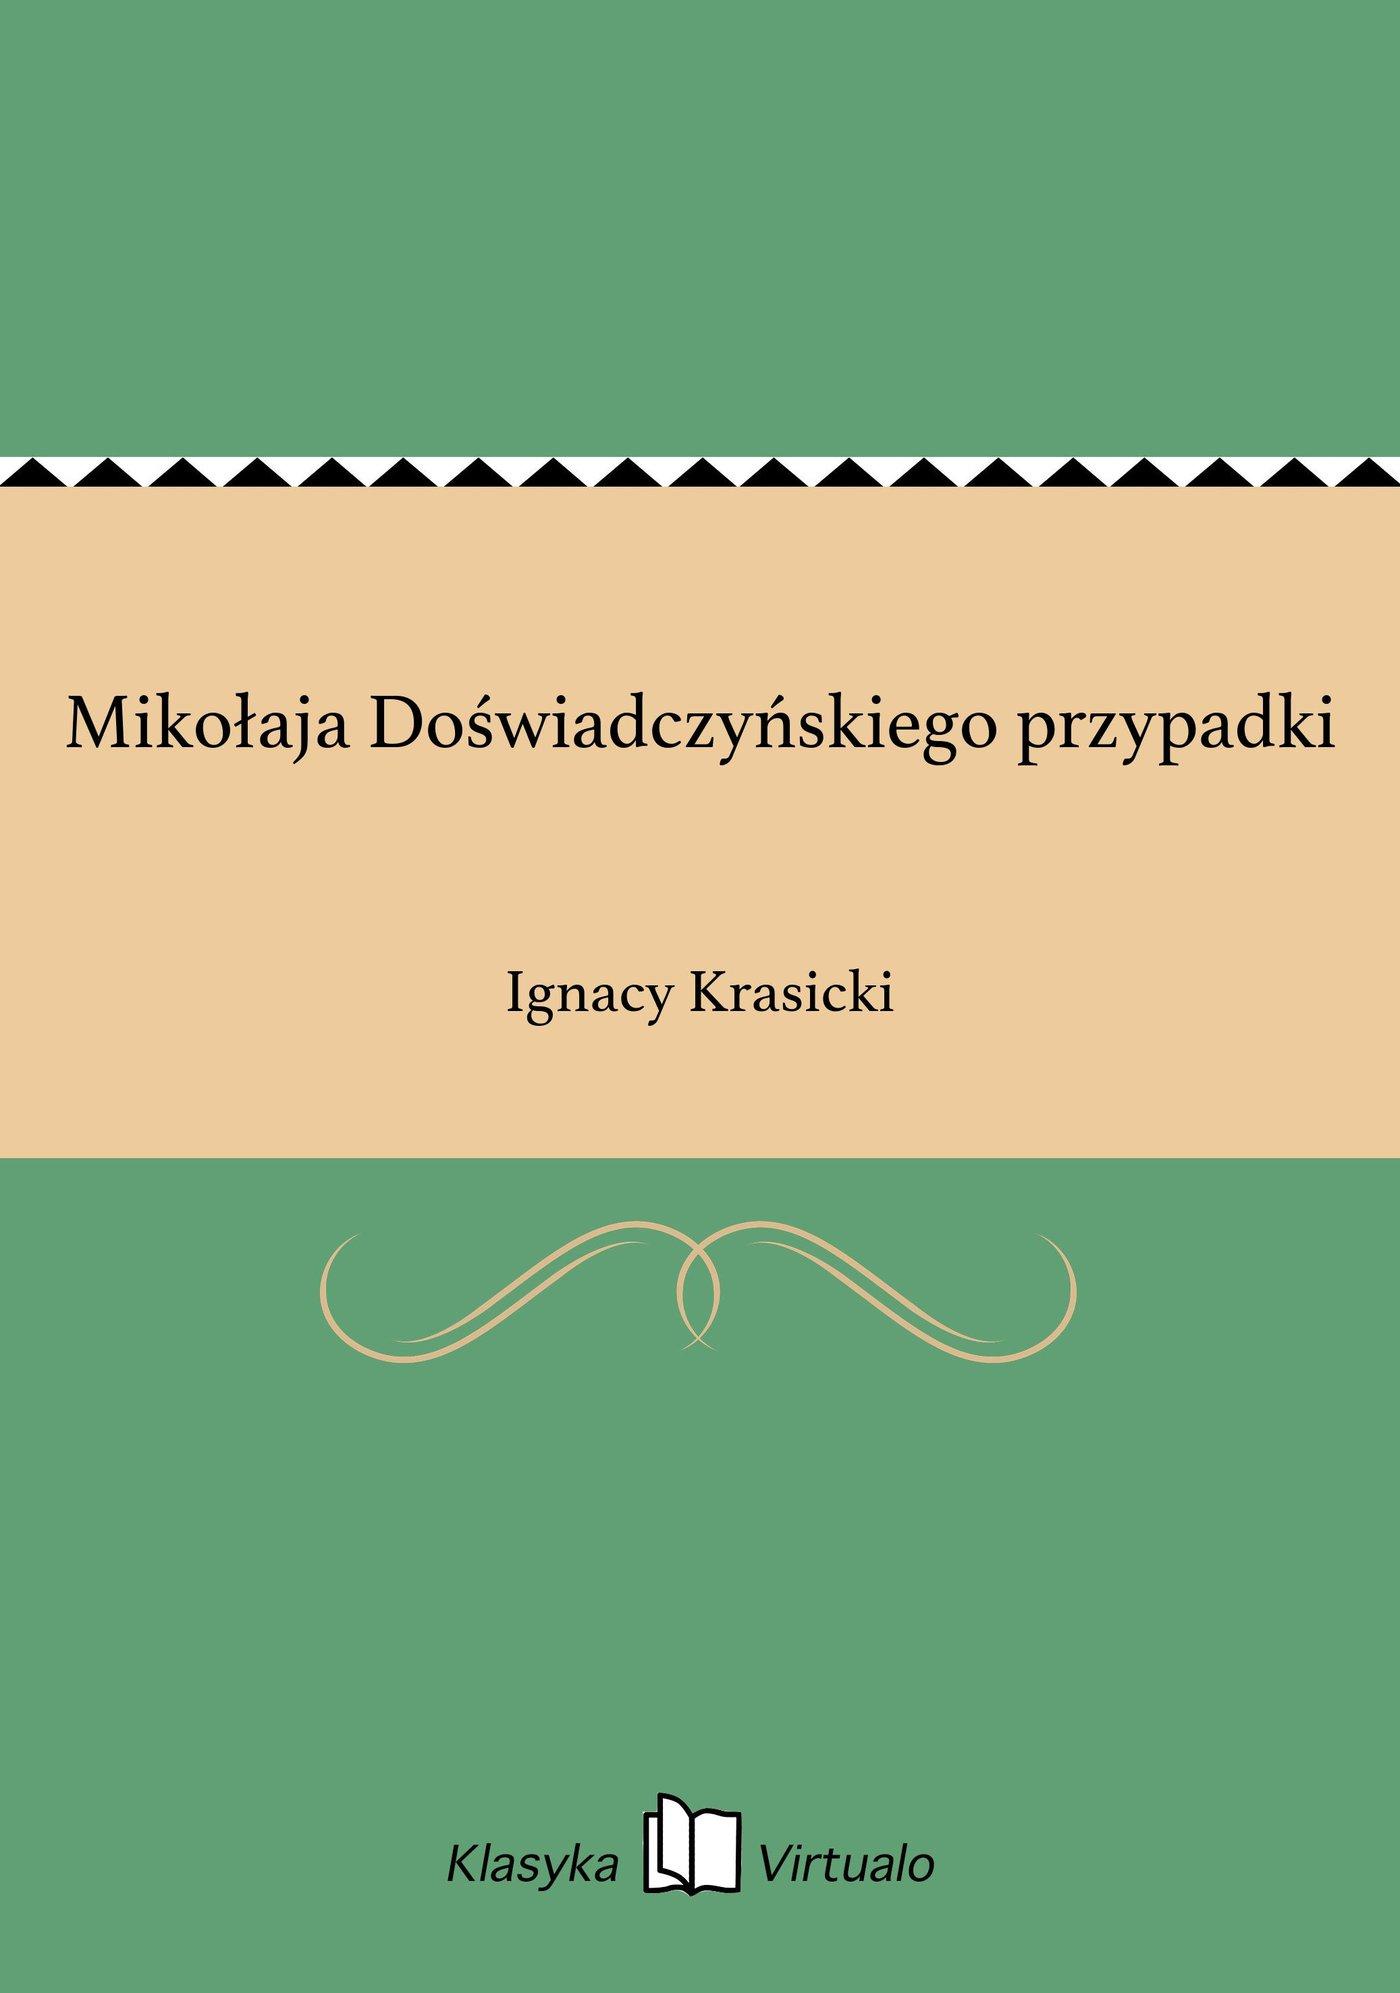 Mikołaja Doświadczyńskiego przypadki - Ebook (Książka EPUB) do pobrania w formacie EPUB